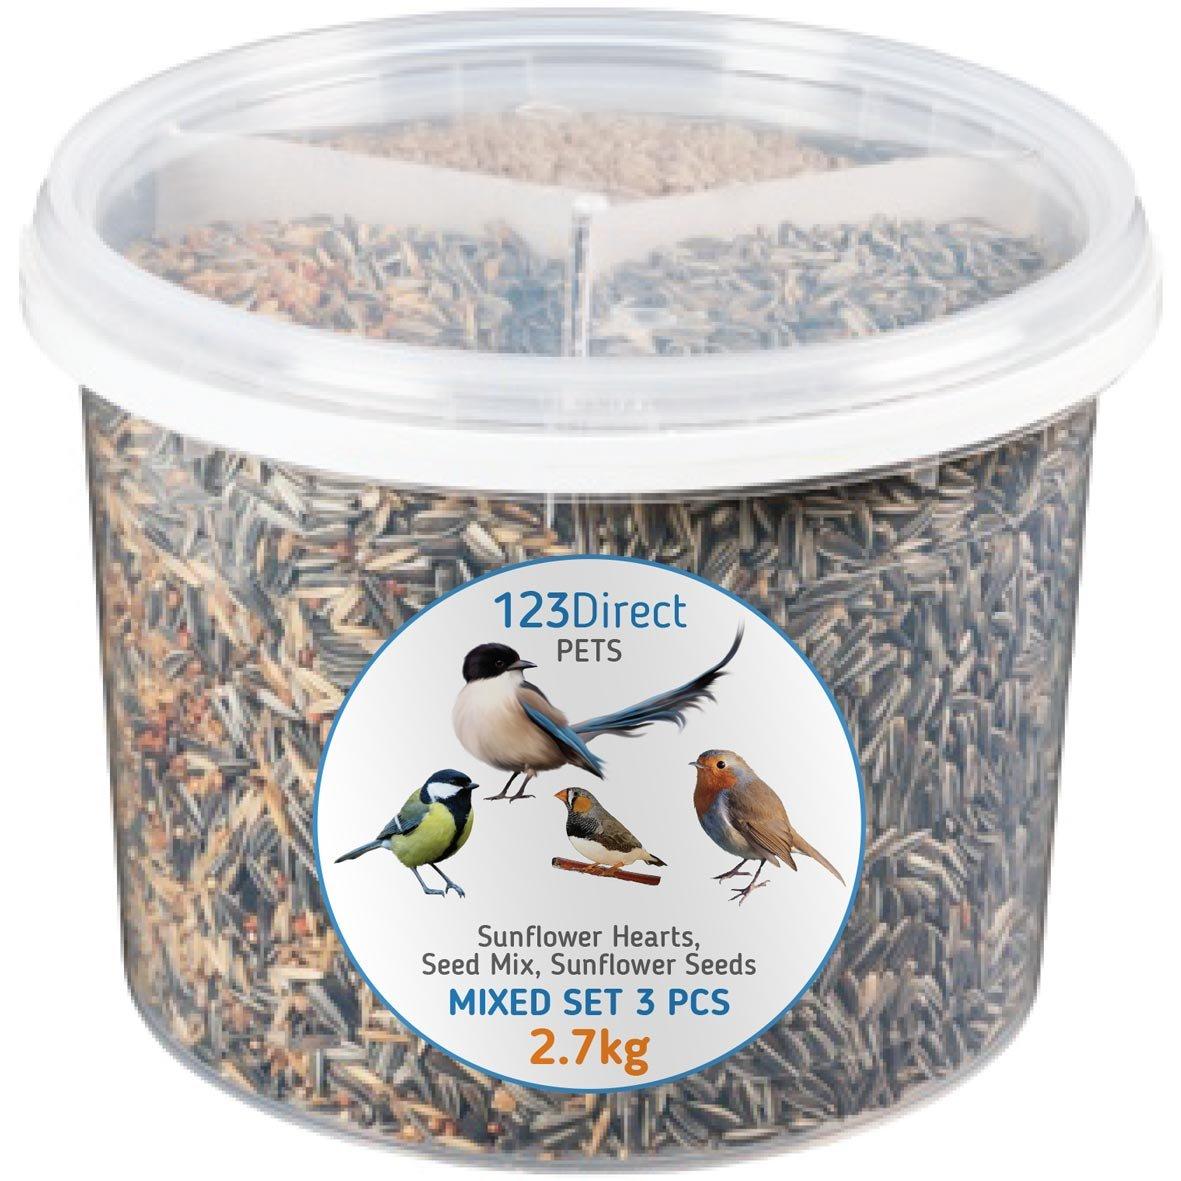 Mezcla de Semillas para pajaros y aves de alta calidad. Producto excepcional 3 en 1 | Todo en un cubo de alimentación reutilizable | Mezclado de comida de alta calidad | Pipas de girasol (con cáscara)+ Mezcla de pienso y alpiste + Semillas de girasol de ma